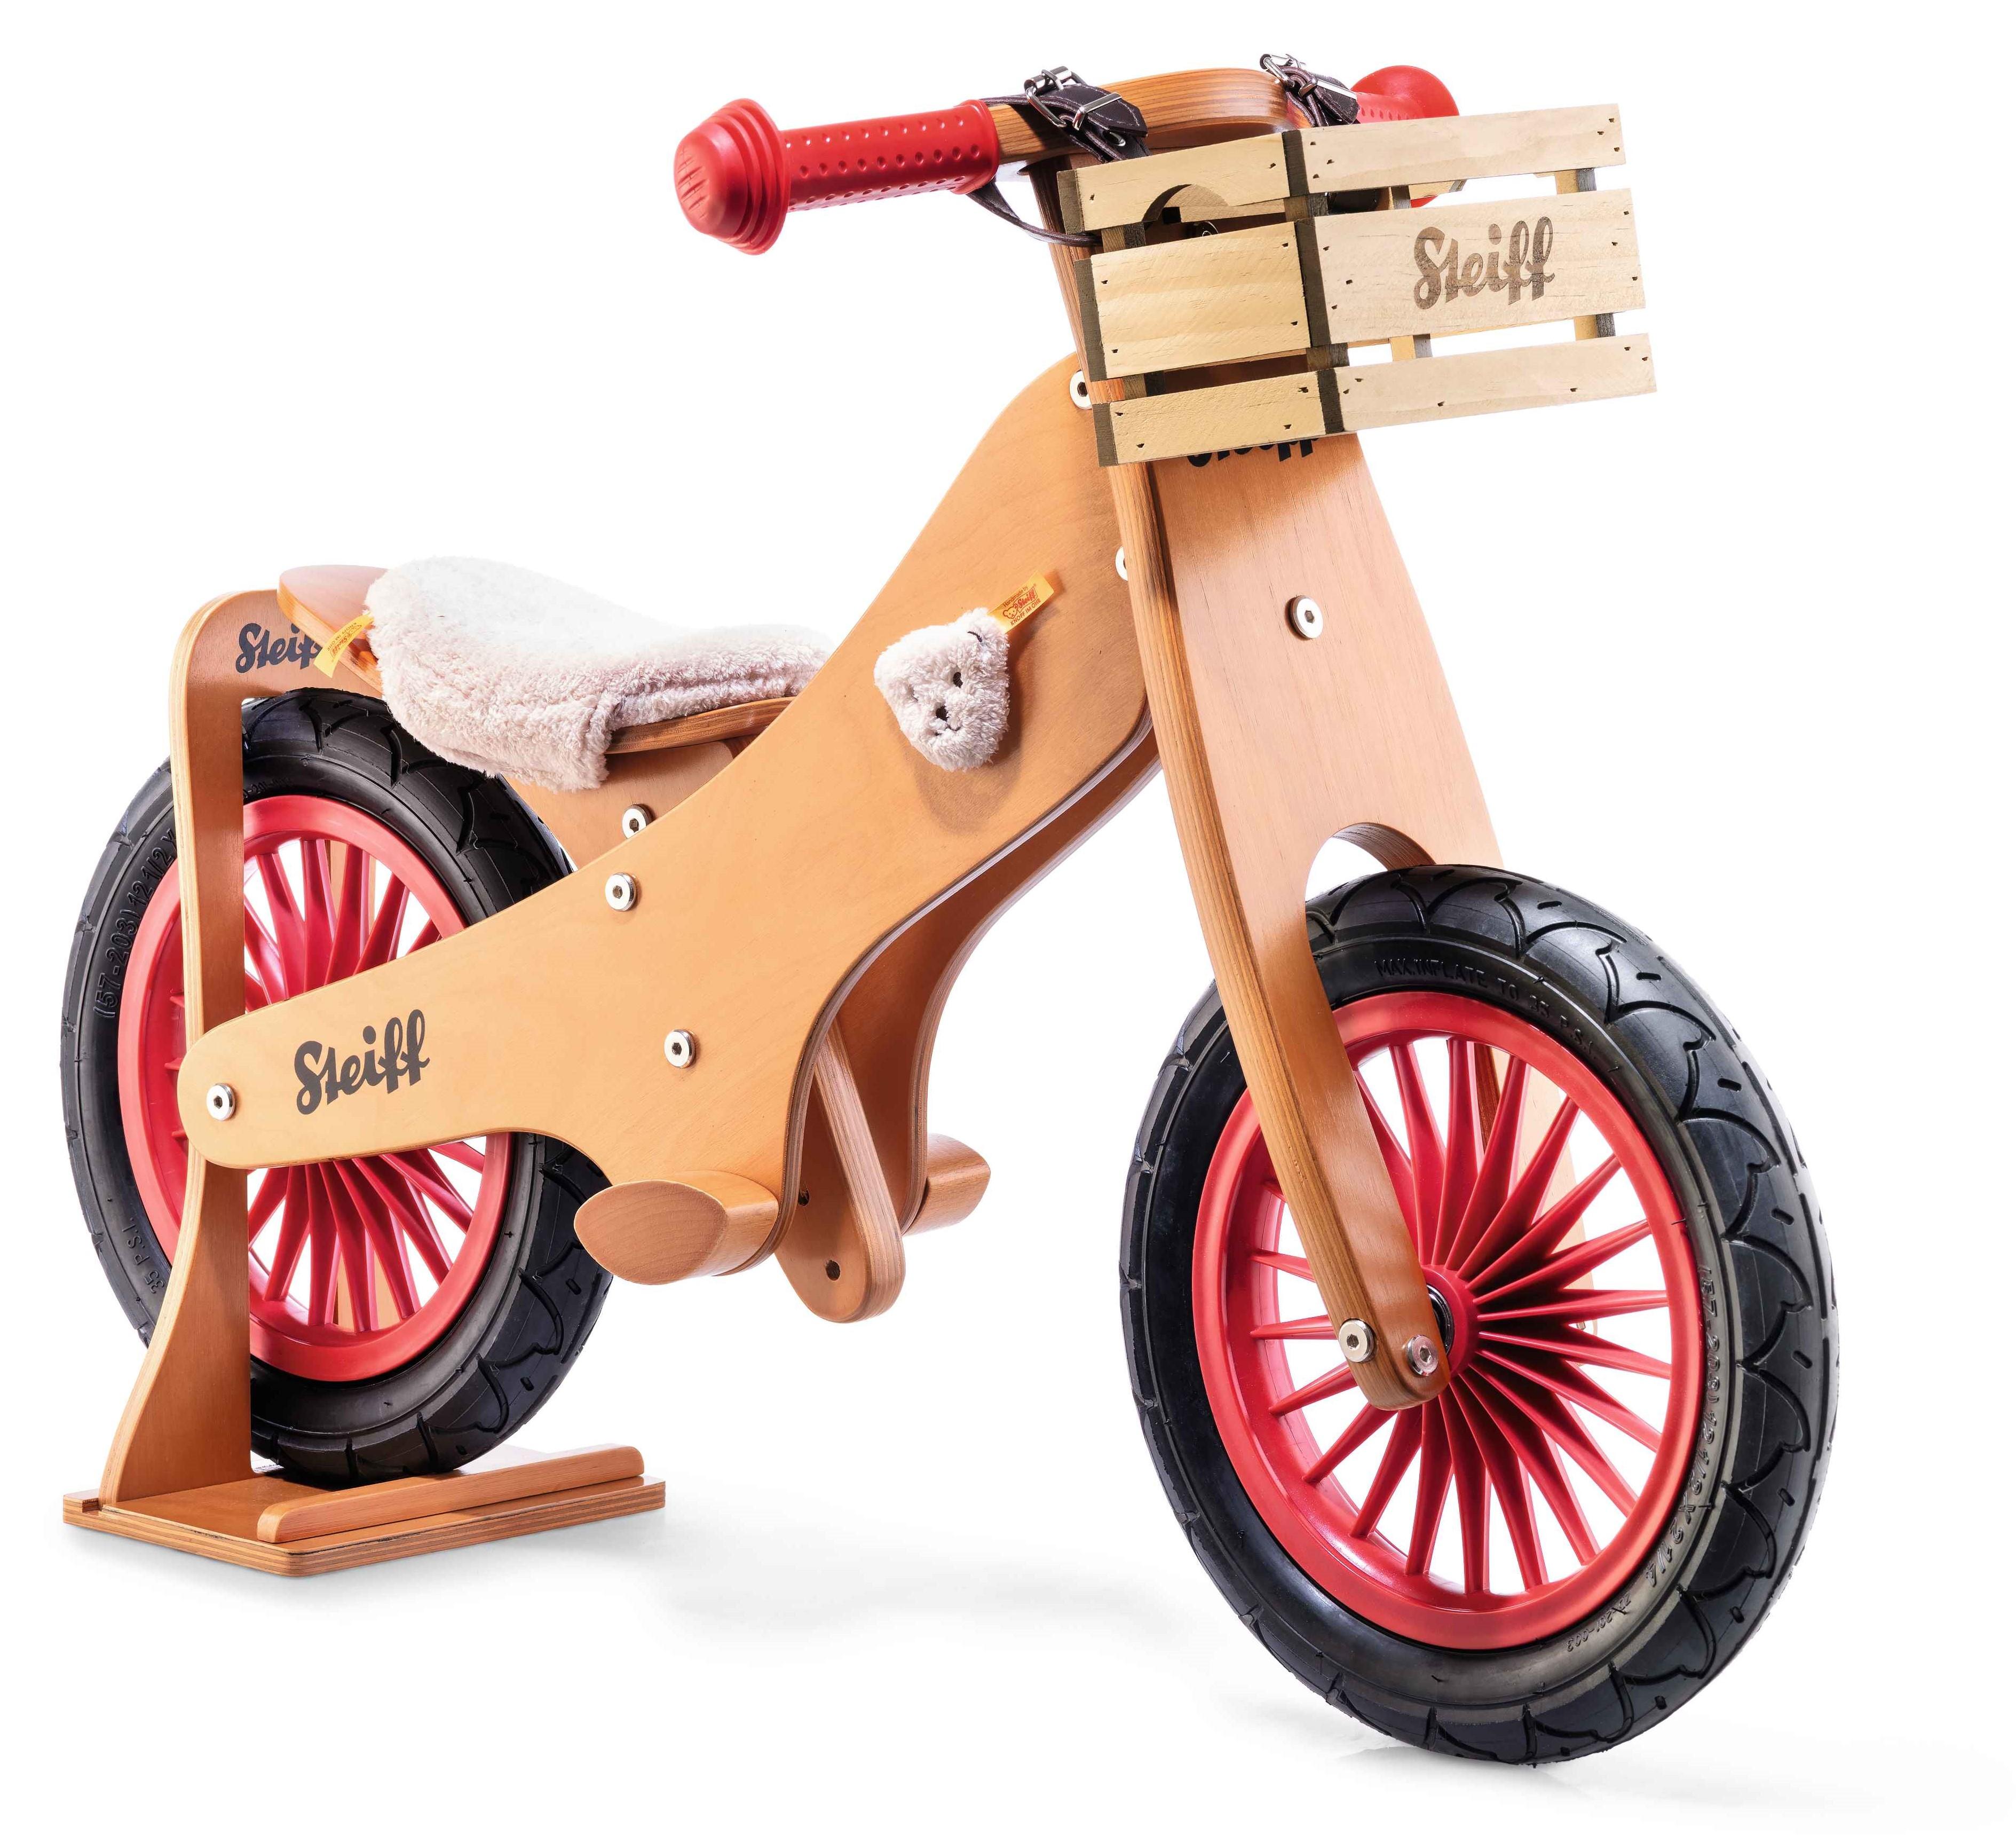 751004-balance-bike-with-stand-and-basket.jpg